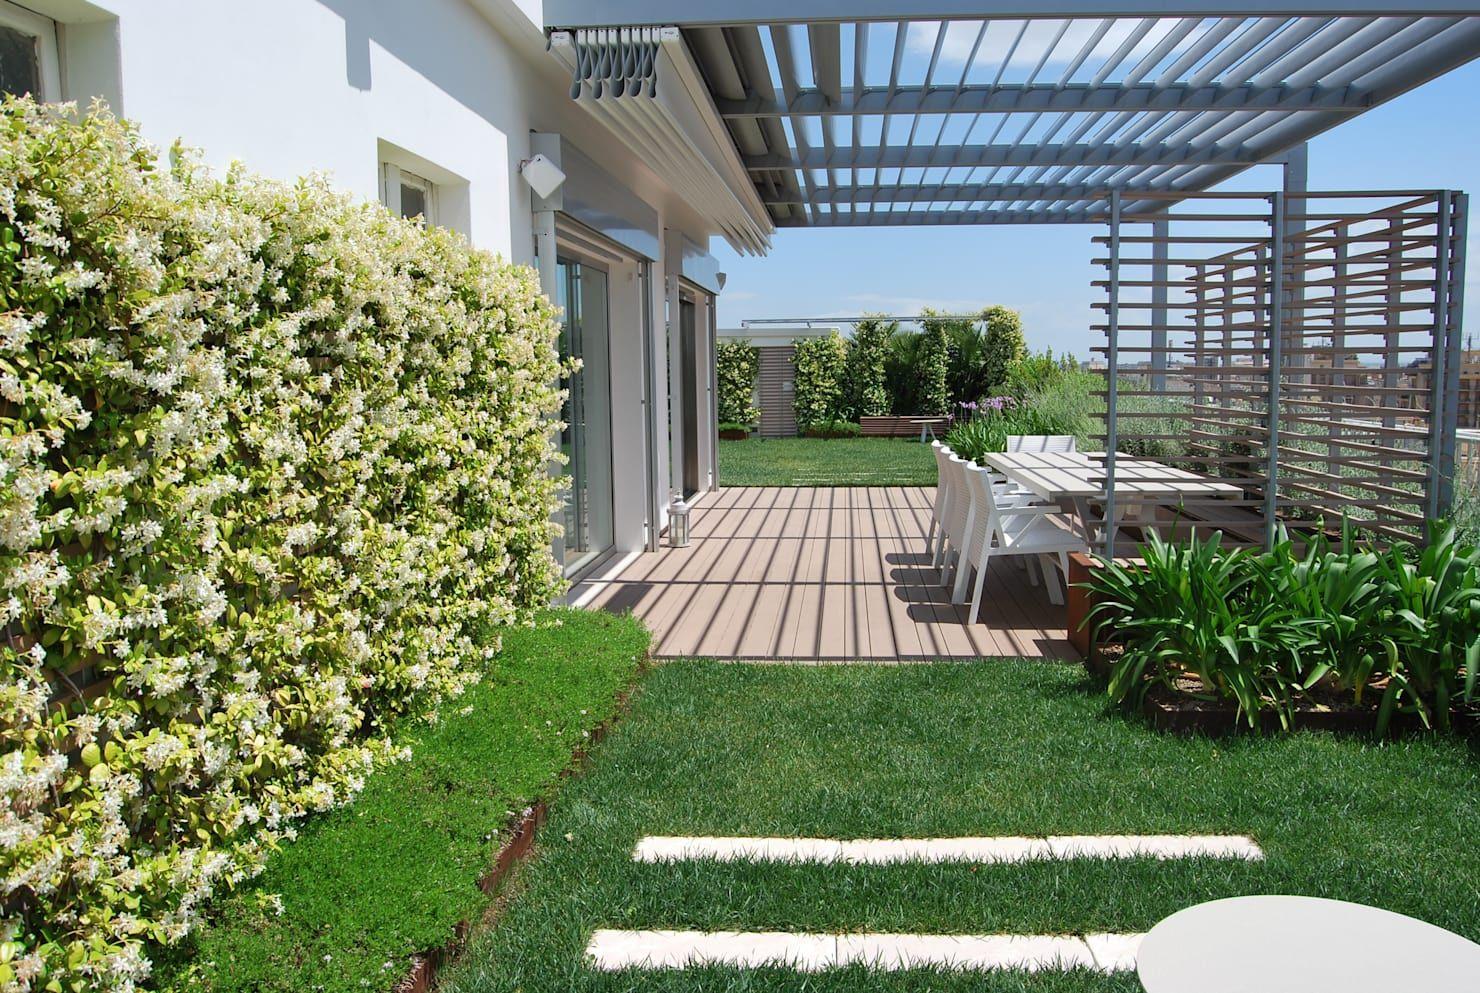 Un Terrazzo In Pessime Condizioni Diventa Un Oasi Verde